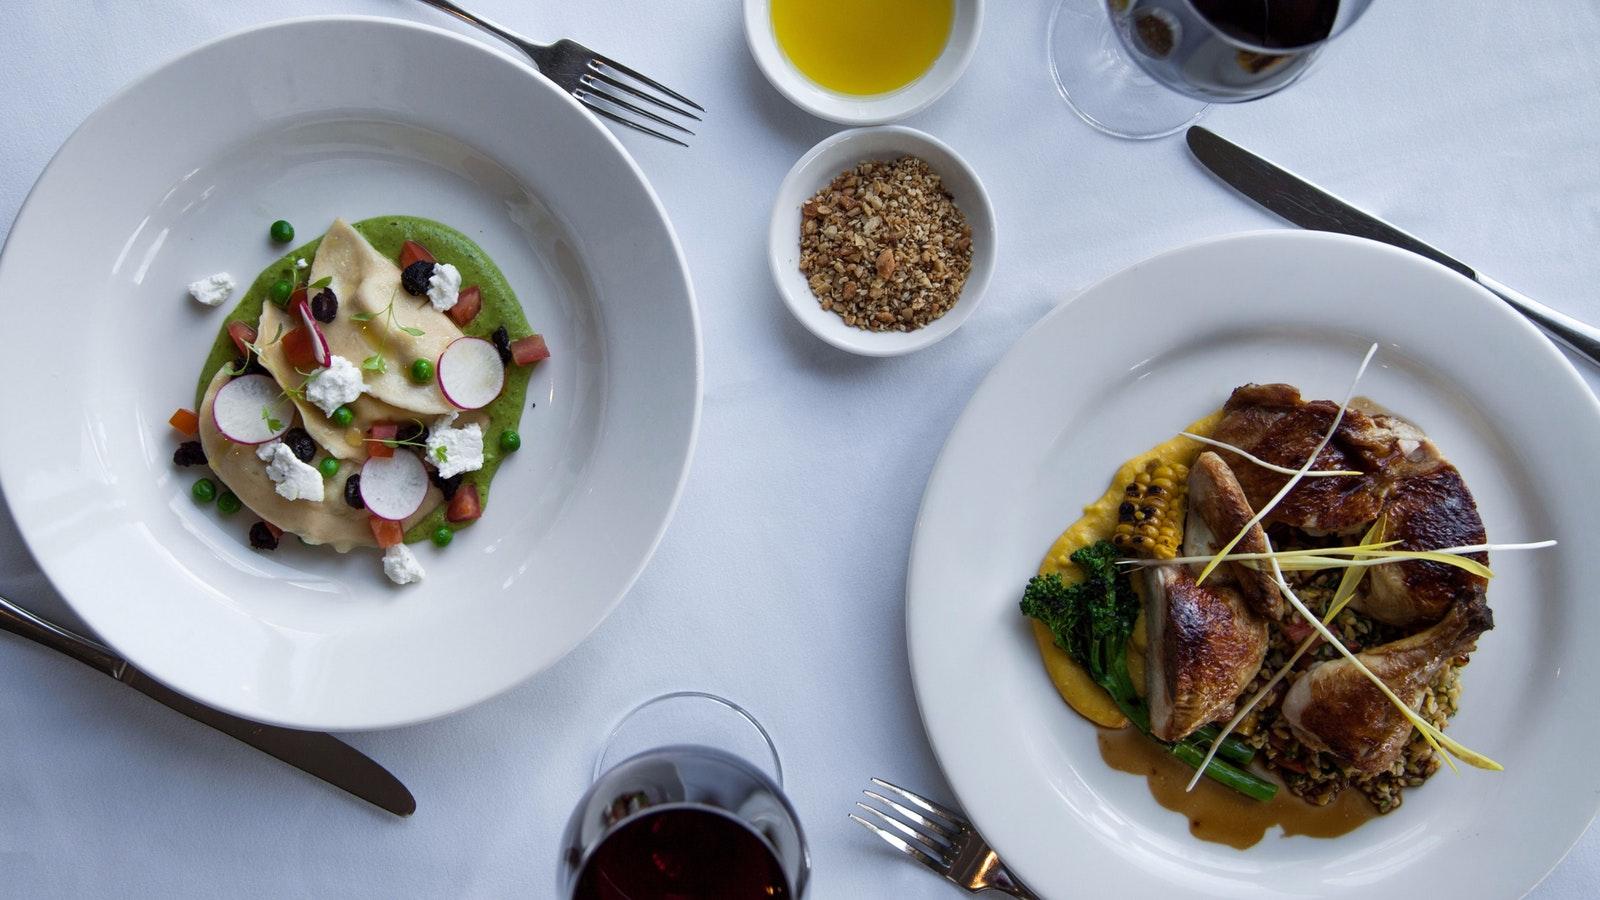 Enjoy dinner at Restaurant Merlot